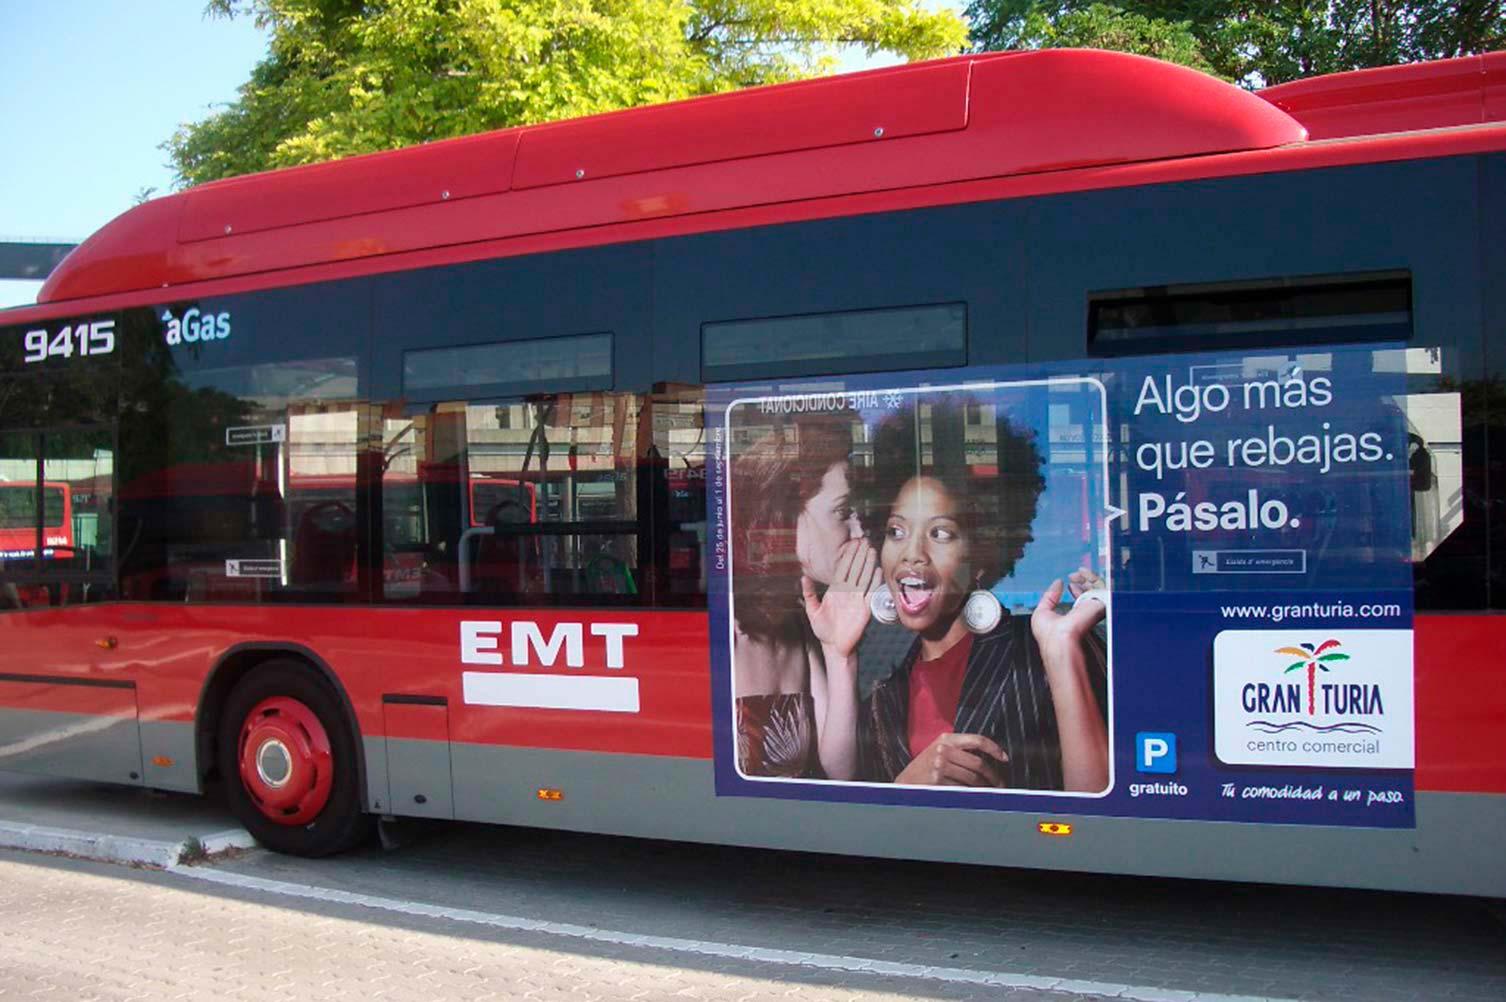 Bus publicidad para rebajas comunicación anual CC Gran Turia